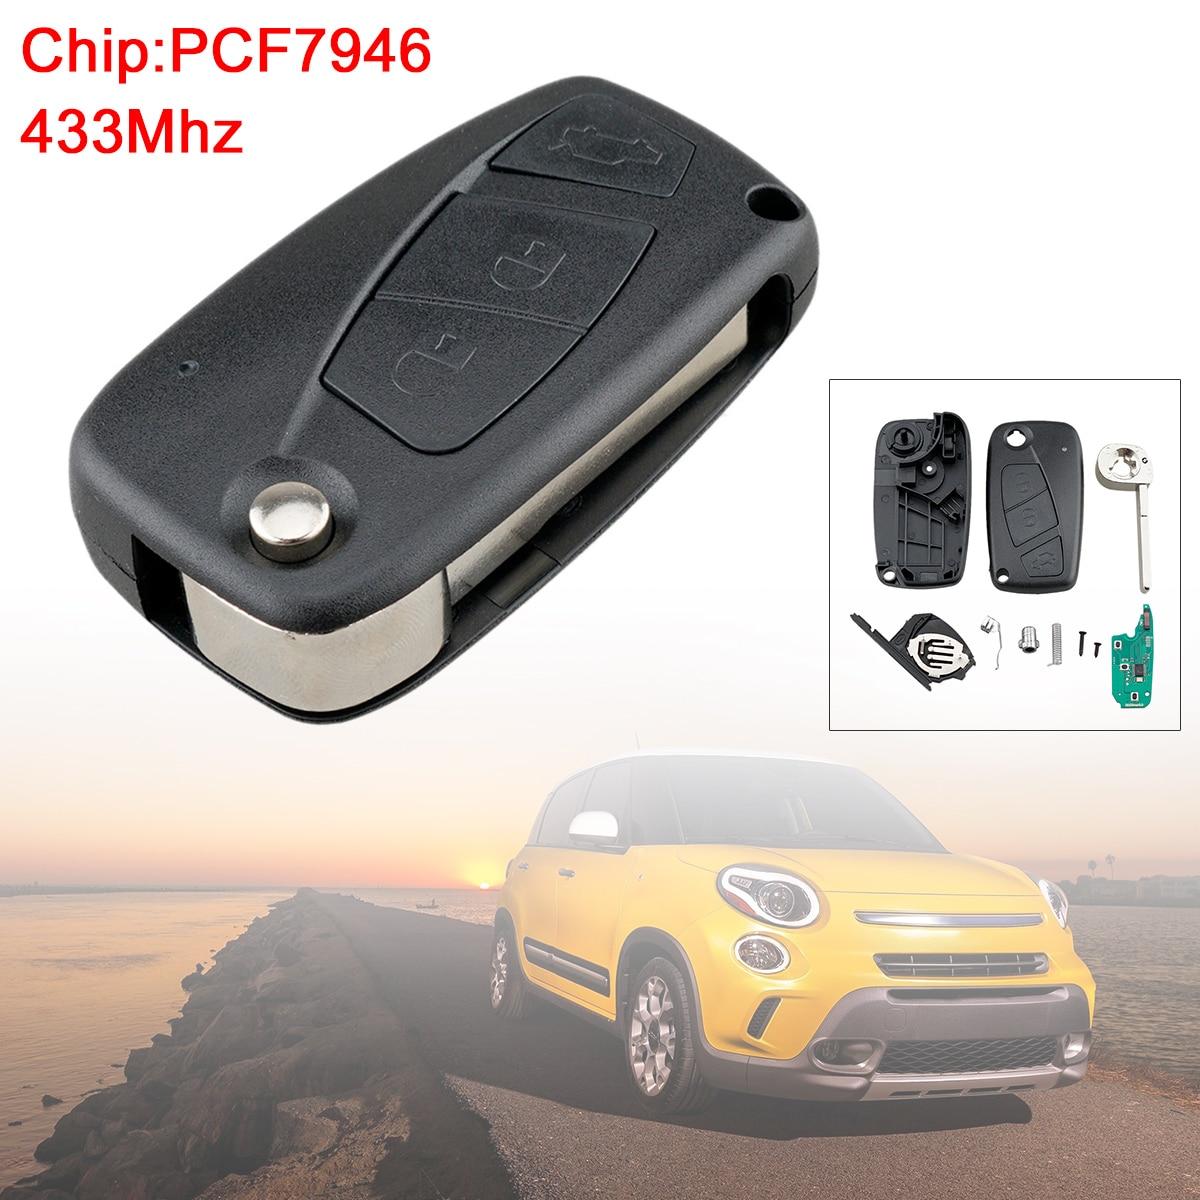 433 mhz 3 botões do carro da aleta substituição remota chave fob com chip pcf7946 preto apto para fiat 500 panda punto bravo ideia ducato